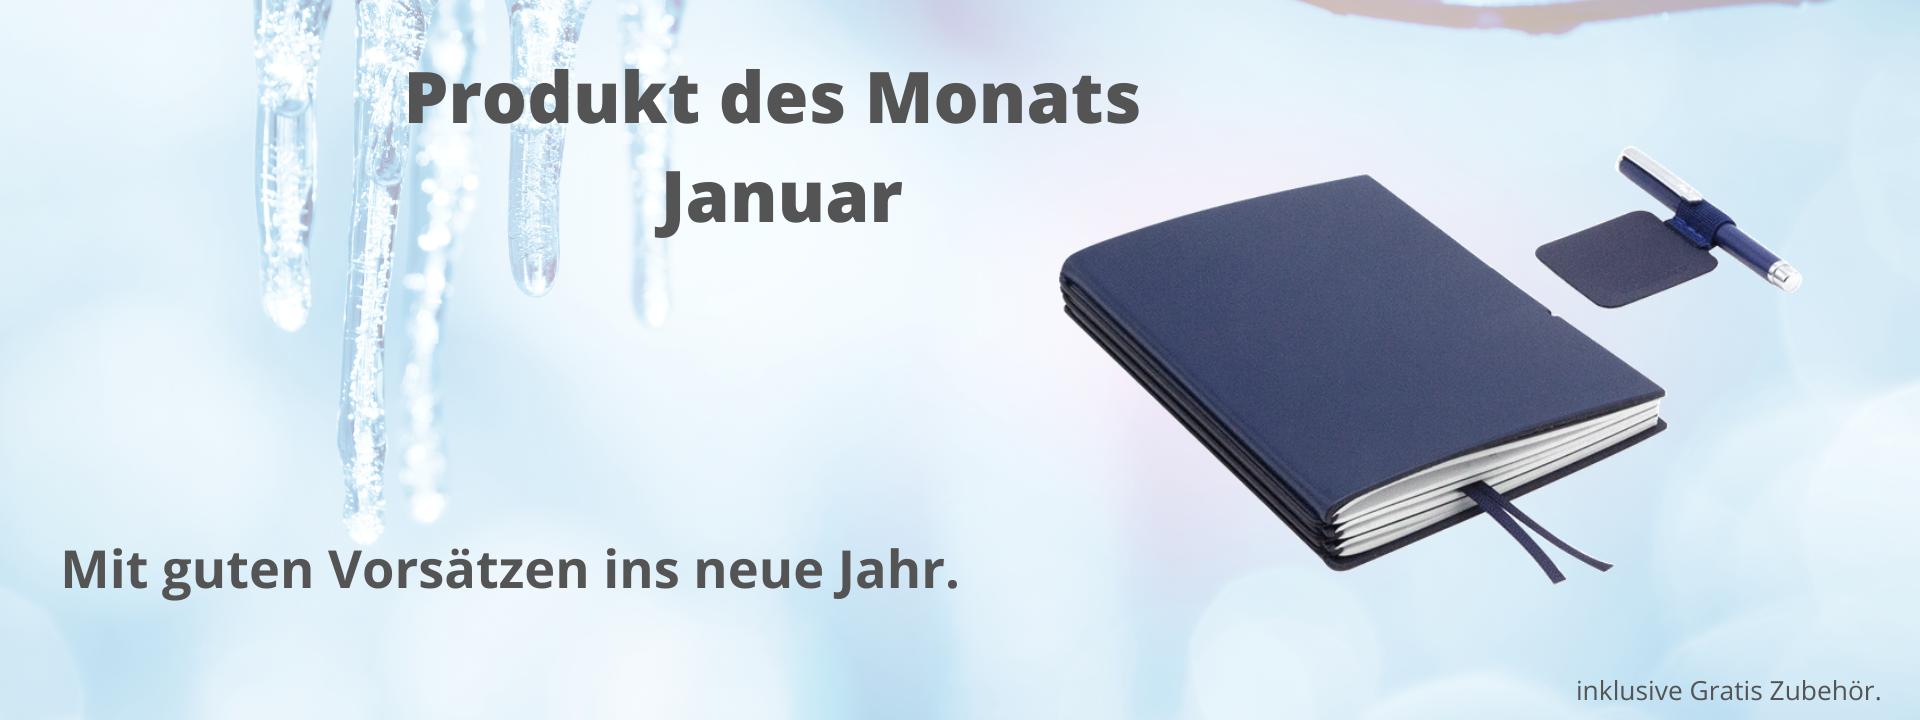 Produkt des Monats Januar